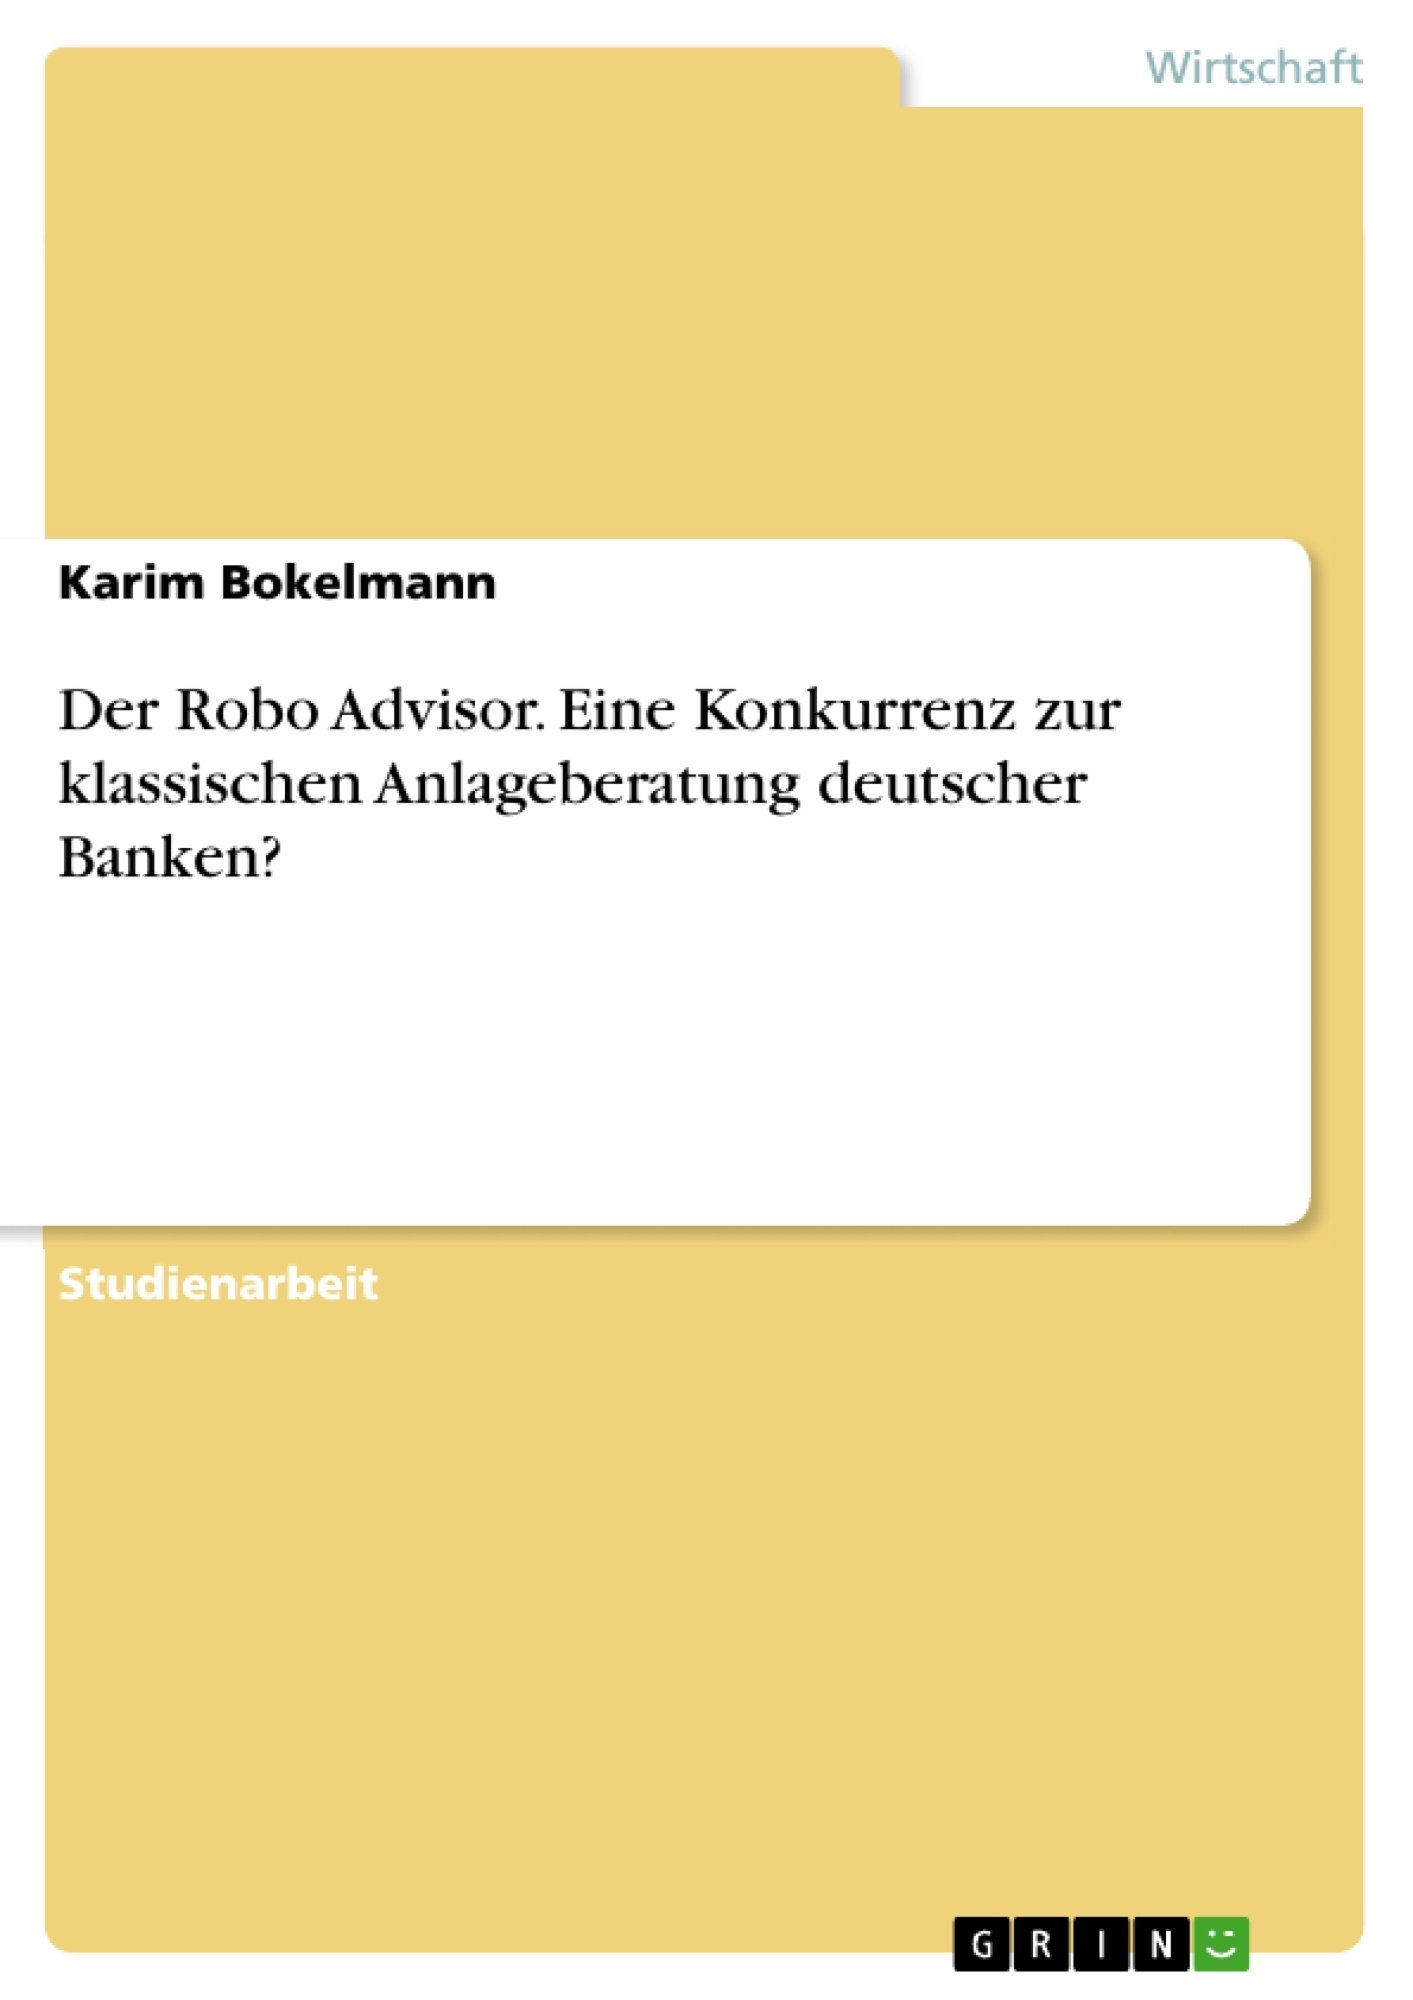 Titel: Der Robo Advisor. Eine Konkurrenz zur klassischen Anlageberatung deutscher Banken?